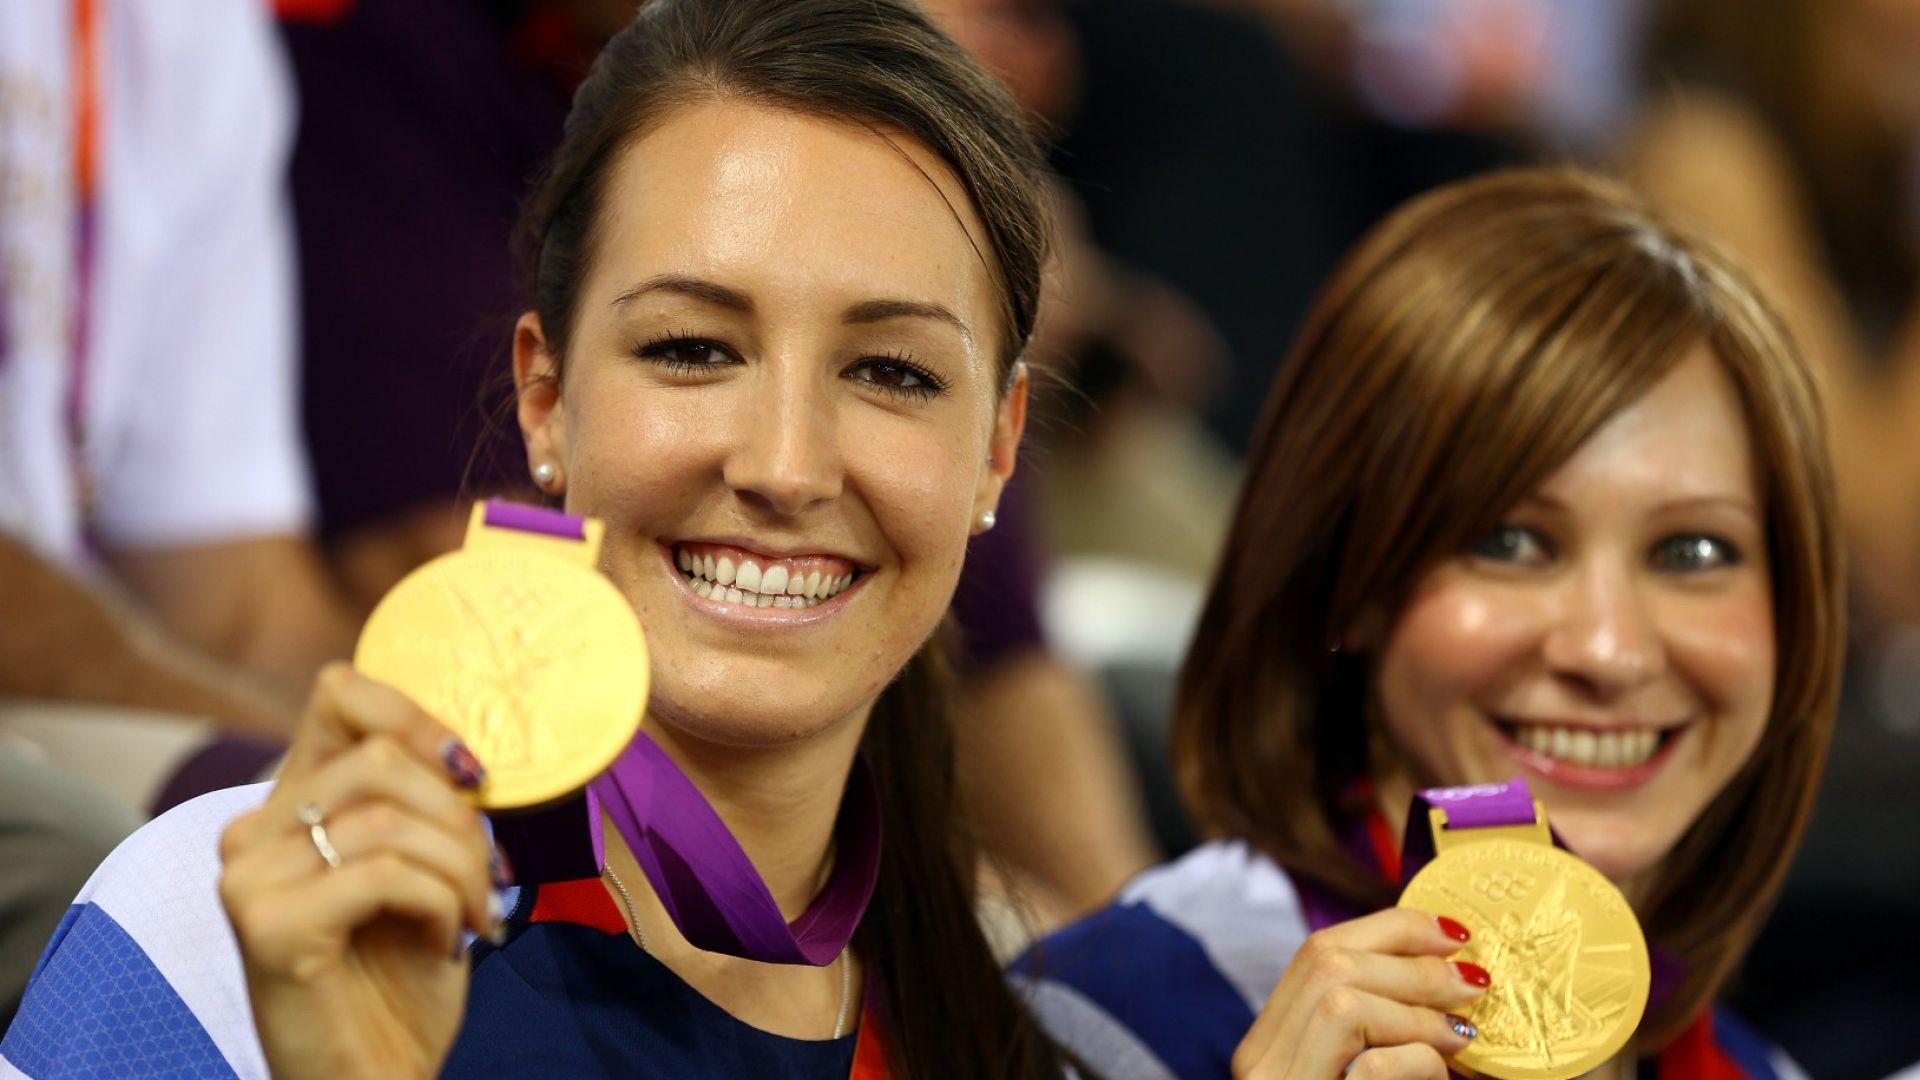 Олимпийска шампионка изненадващо заряза спорта на 28 години